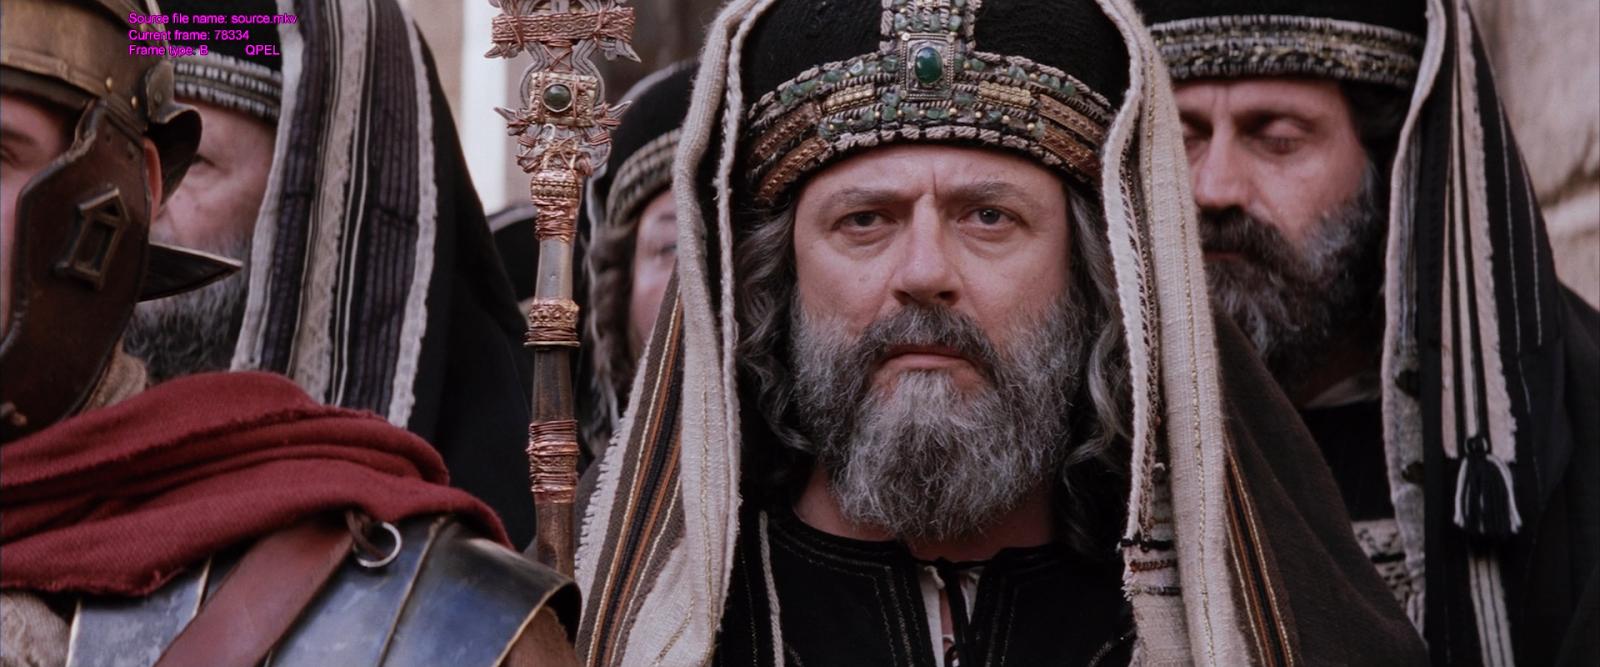 La Pasión De Cristo (2004) Edición Definitiva Full HD 1080p BD25 4